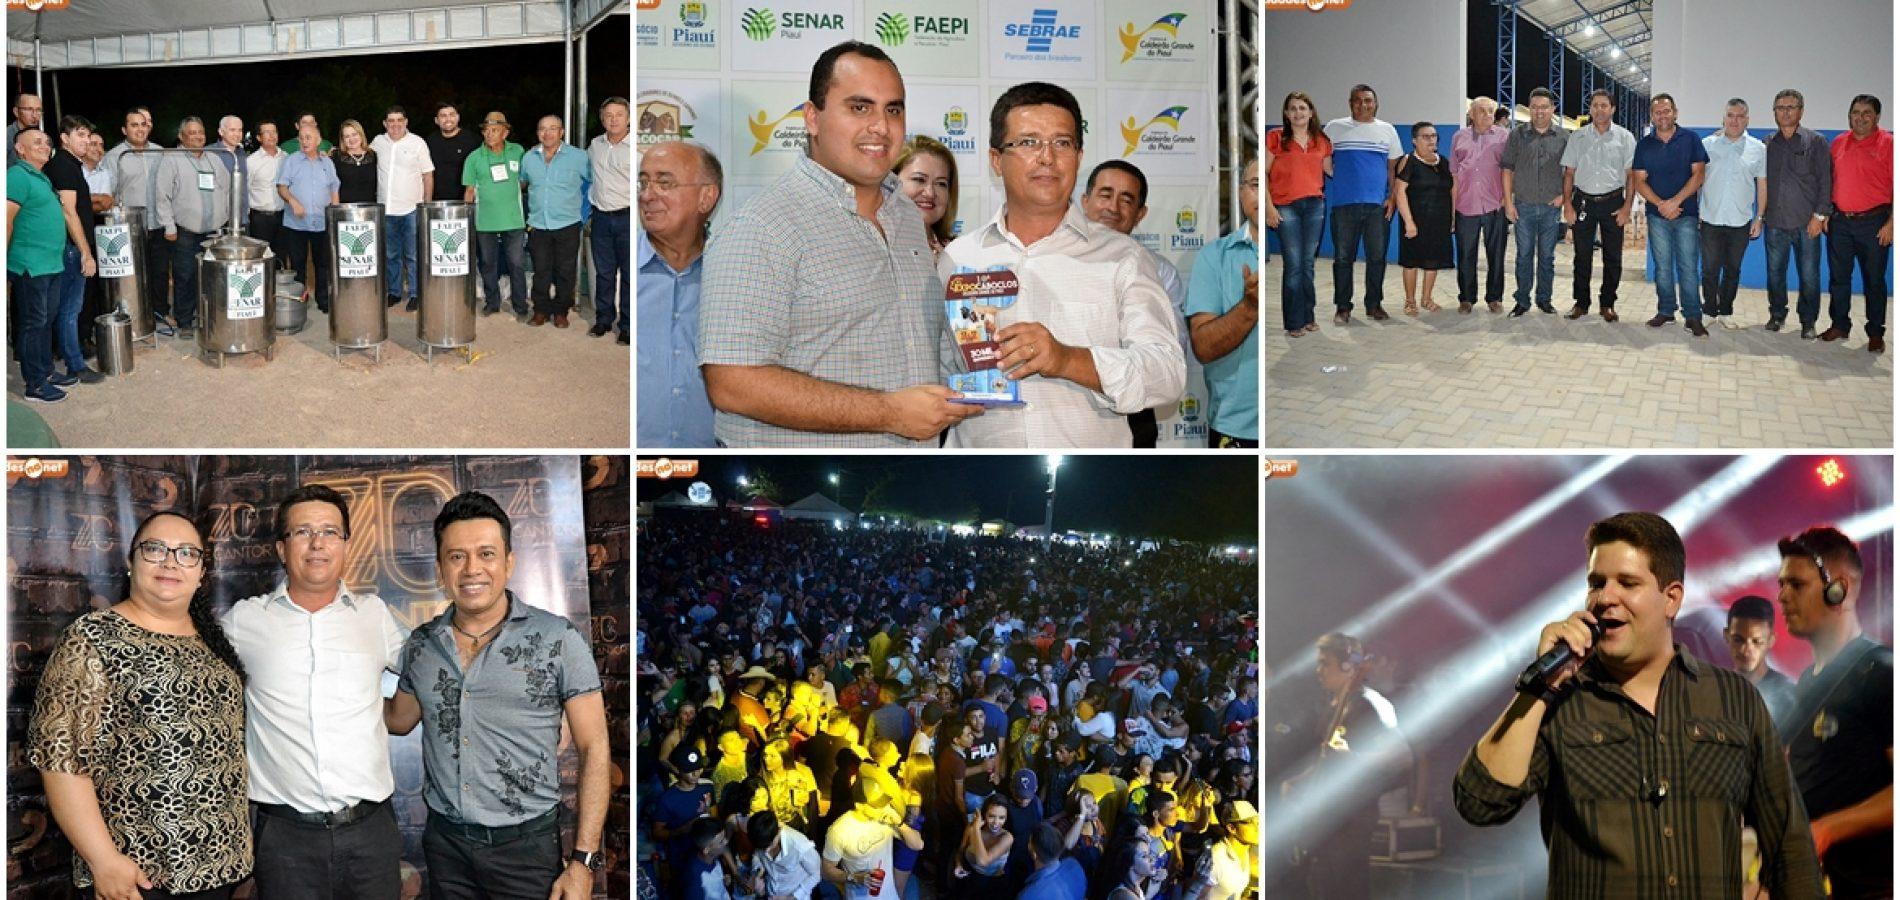 Confira fotos do 2 º dia da ExpoCaboclos em Cadeirão Grande do Piauí